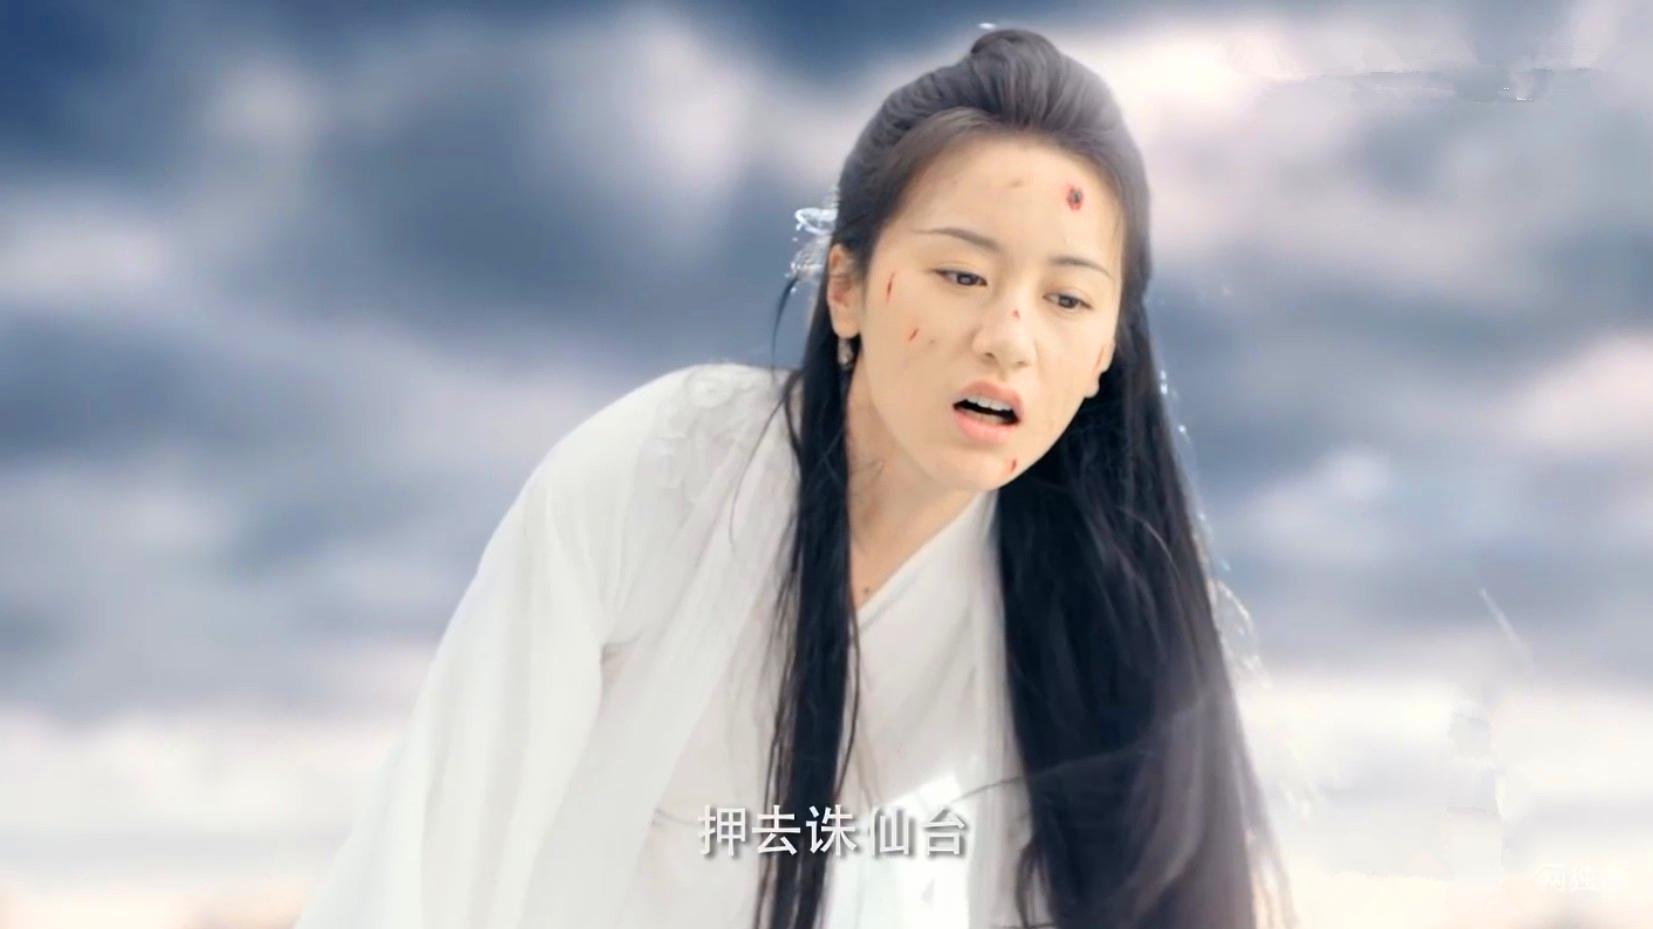 司凤助璇玑恢复六识,被押去诛仙台灭元神,璇玑坠入魔道开打